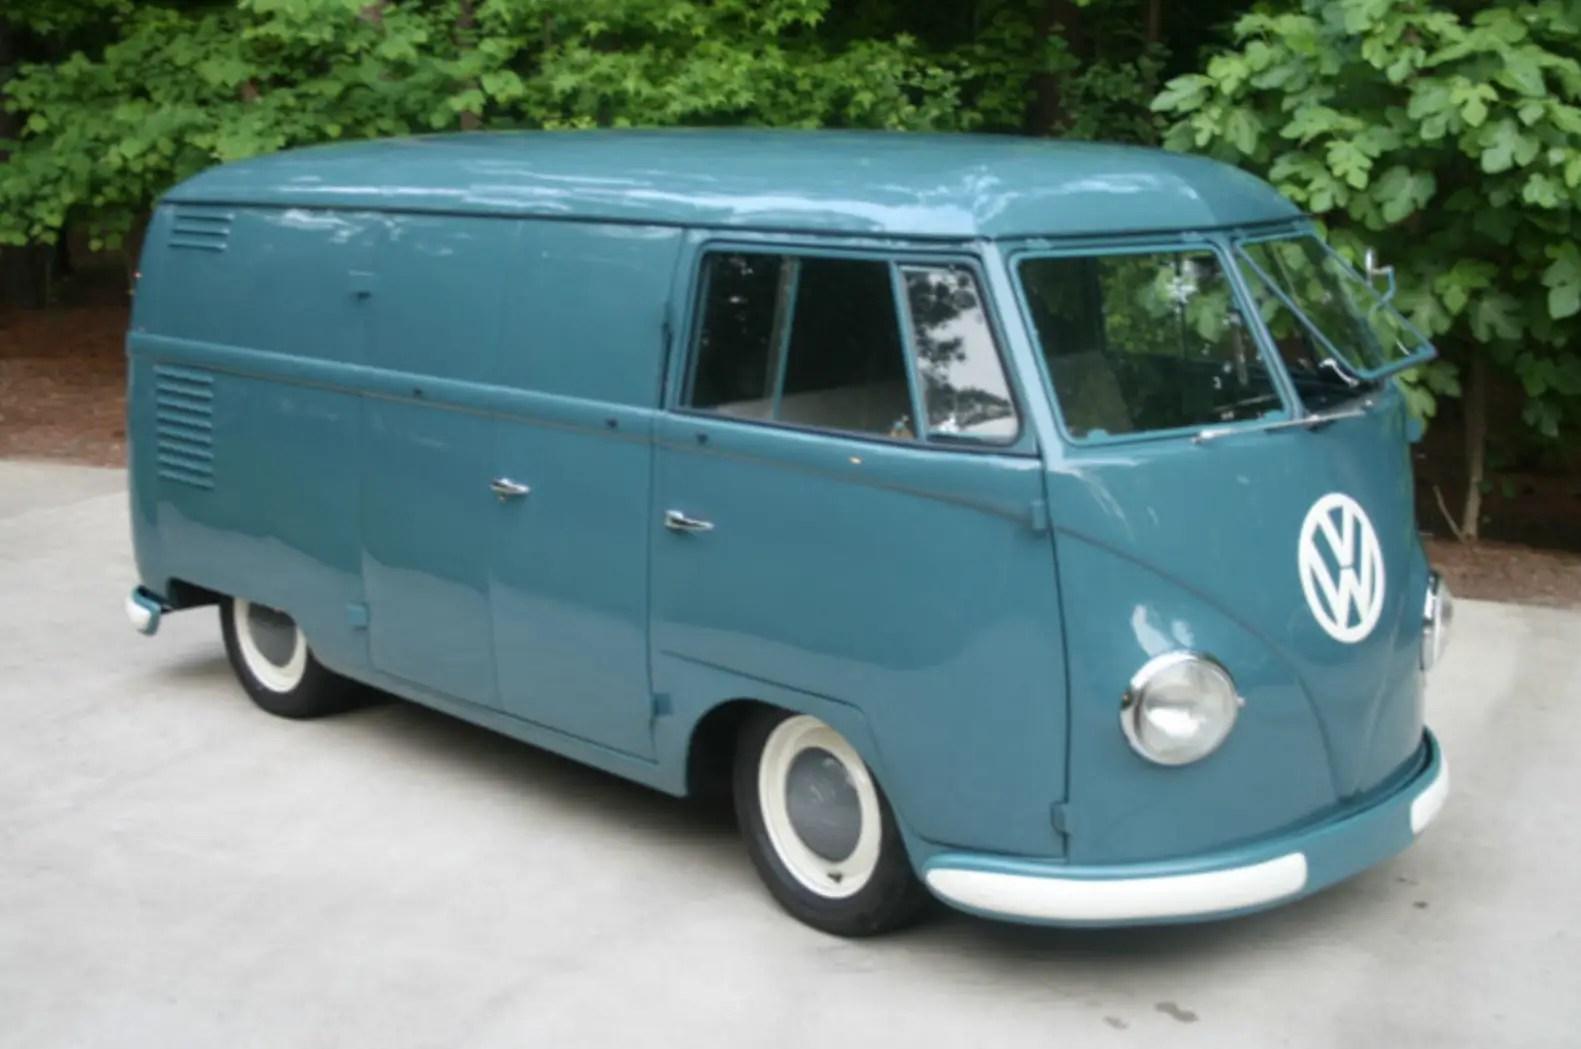 1953 Volkswagen Type 2 Panel Van – German Cars For Sale Blog